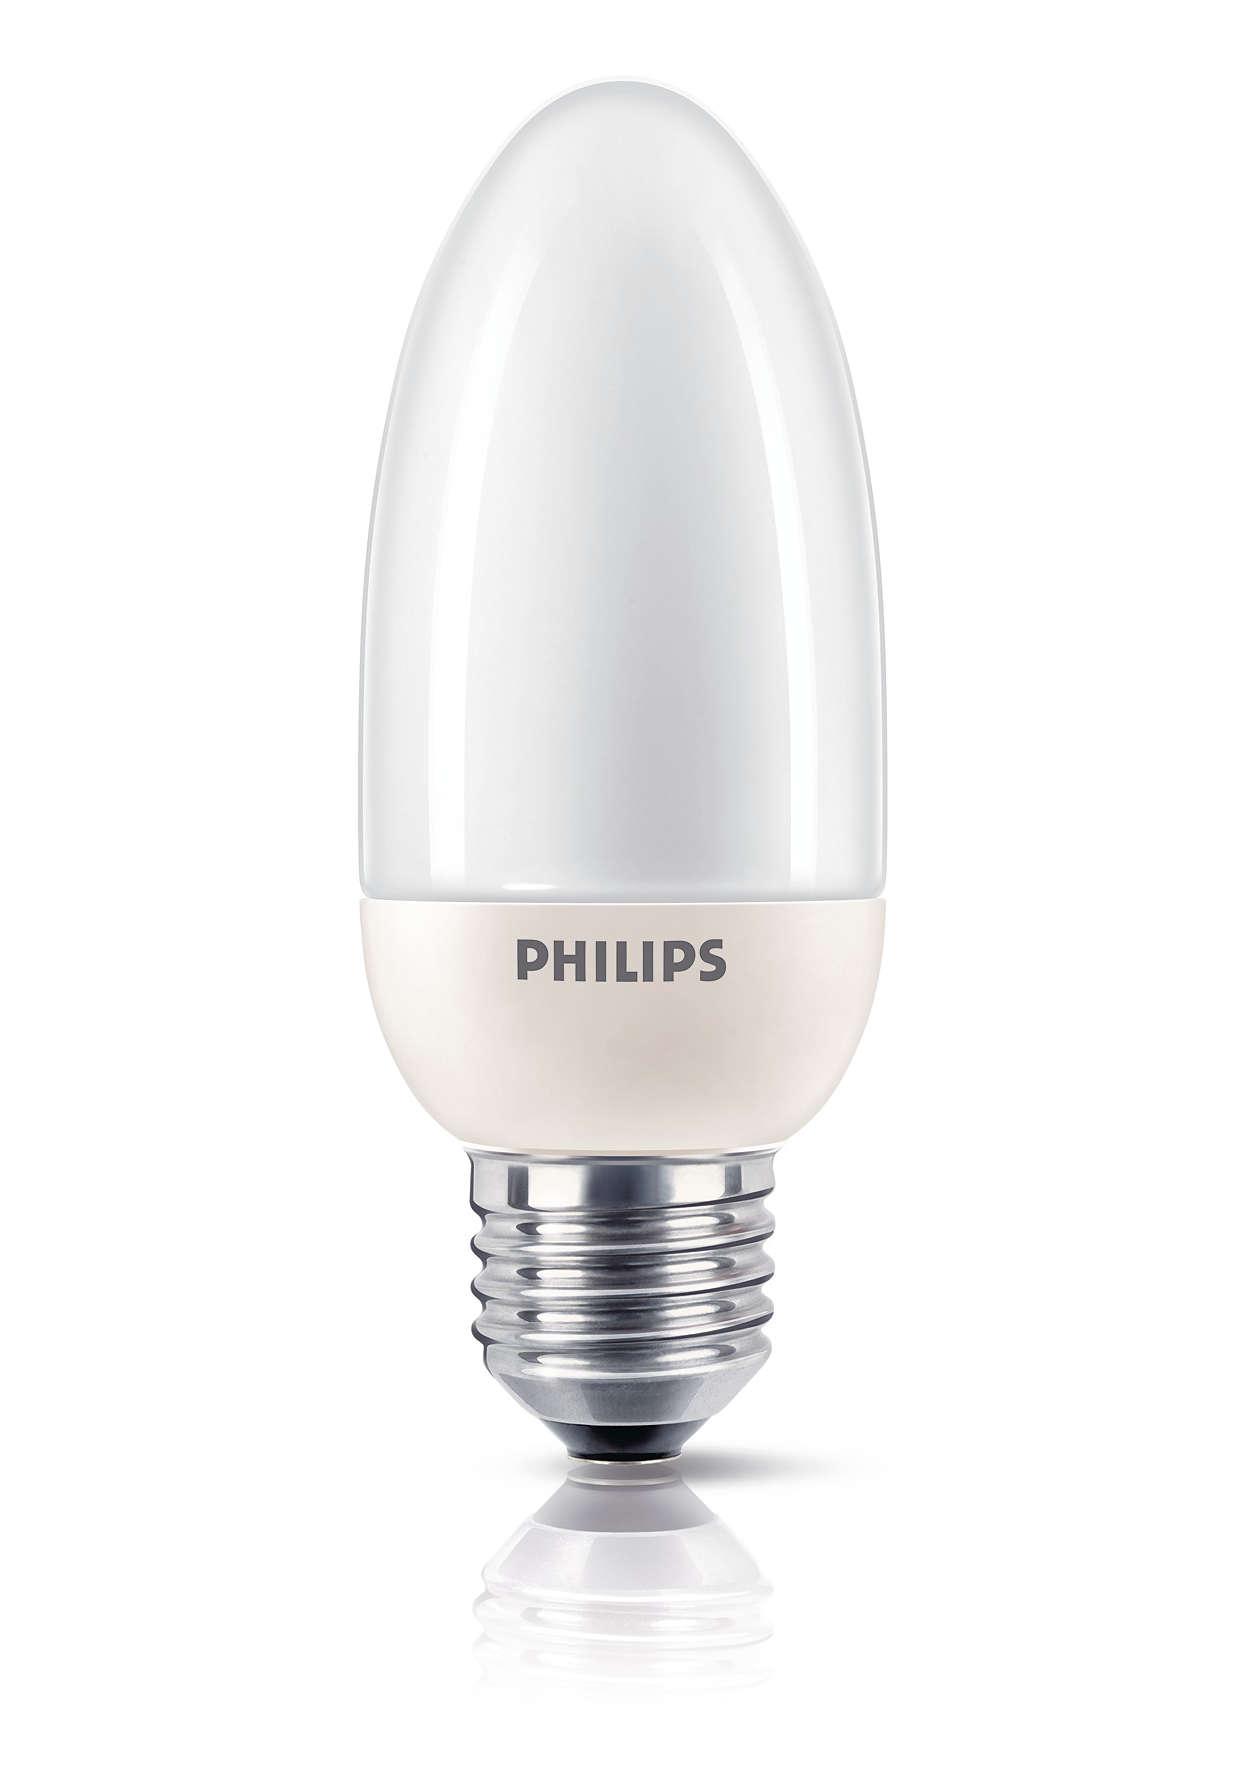 Měkké ajemné úsporné osvětlení